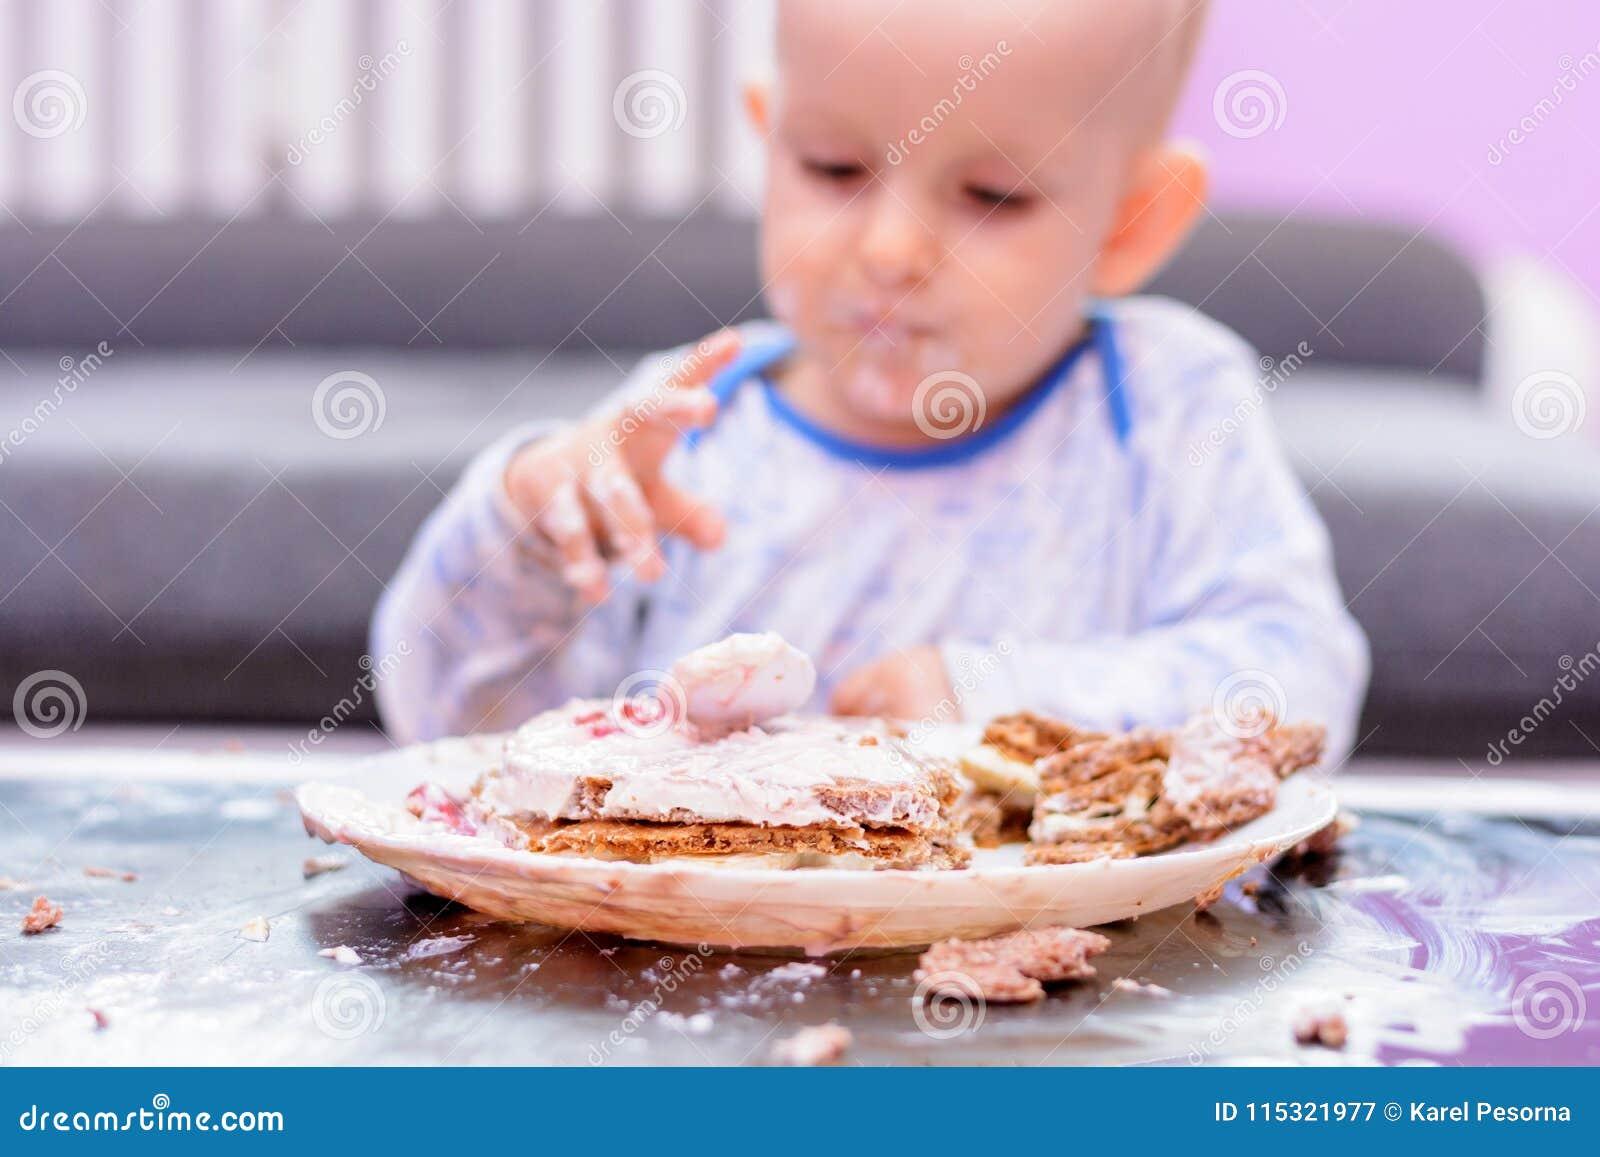 Petit gâteau d anniversaire de fracas de bébé avec une cuillère, joyeux anniversaire